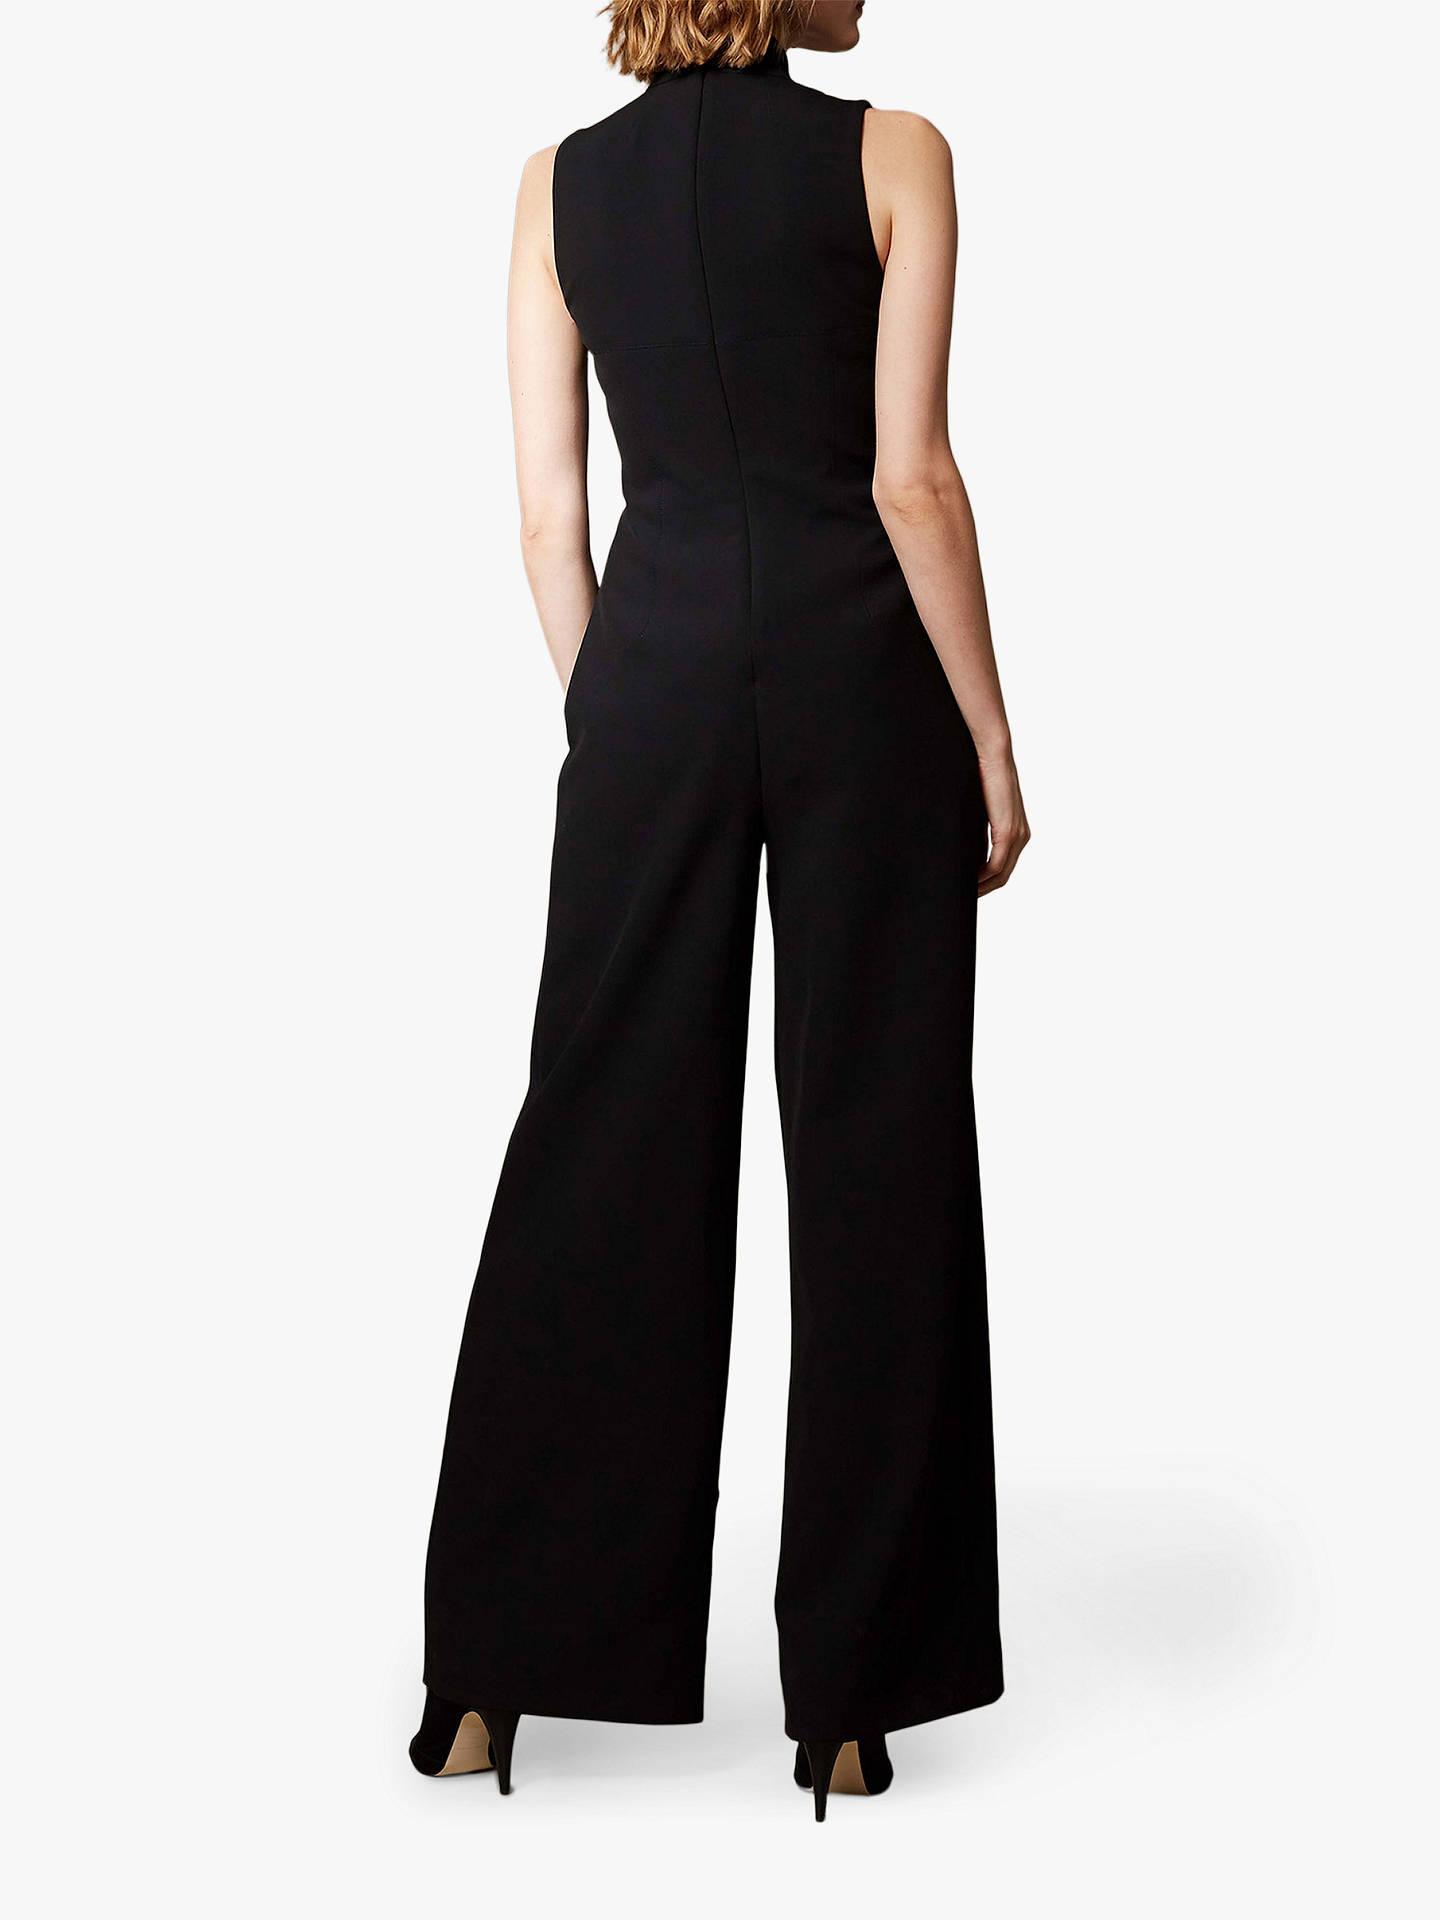 d486e2a444d1 ... Buy Karen Millen Wide Leg Jumpsuit